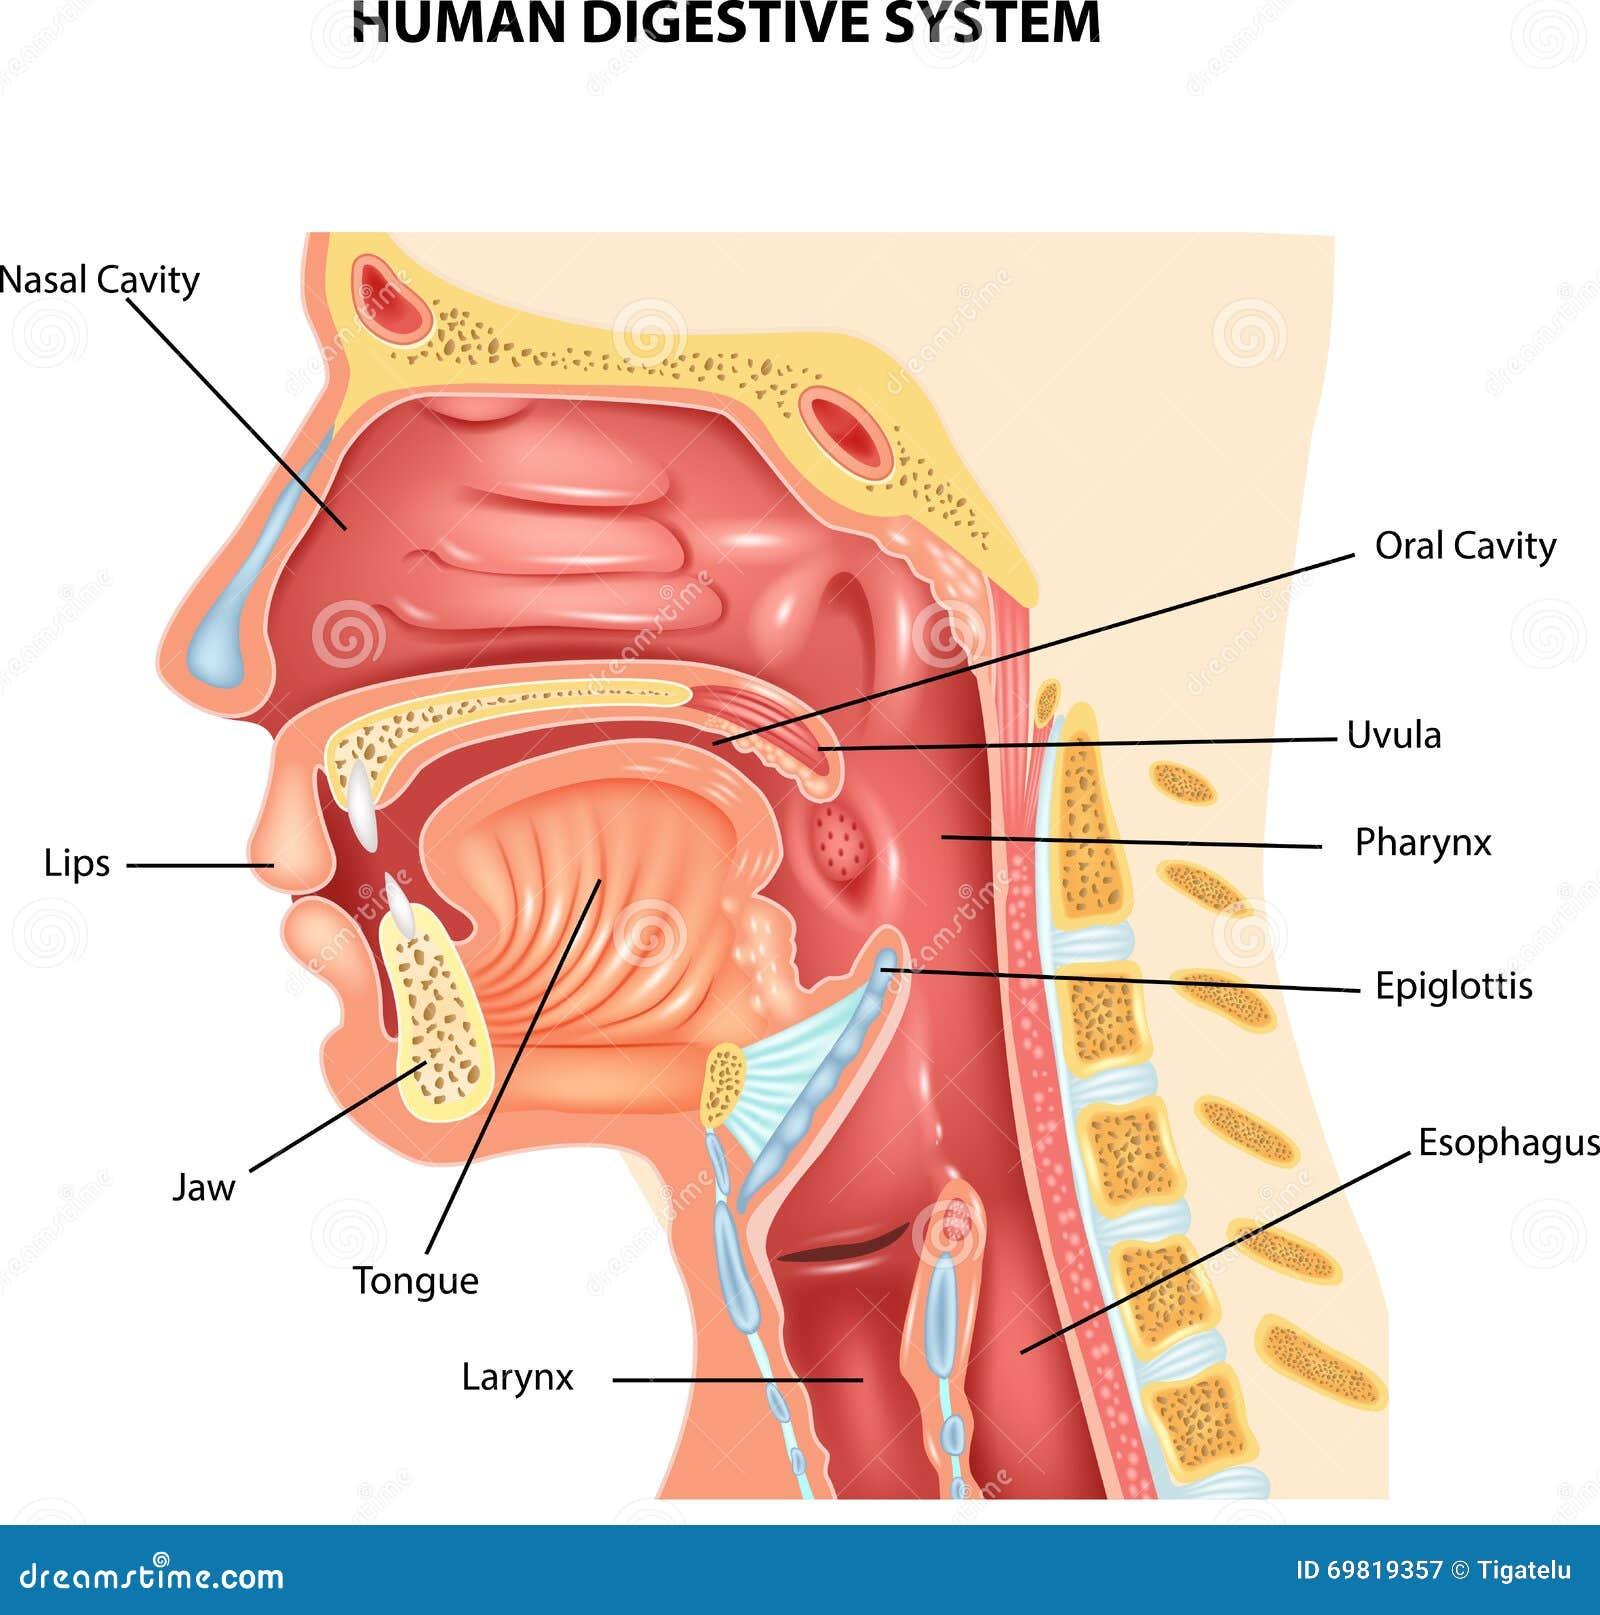 Wunderbar Verdauungssystem Mund Bilder - Menschliche Anatomie Bilder ...